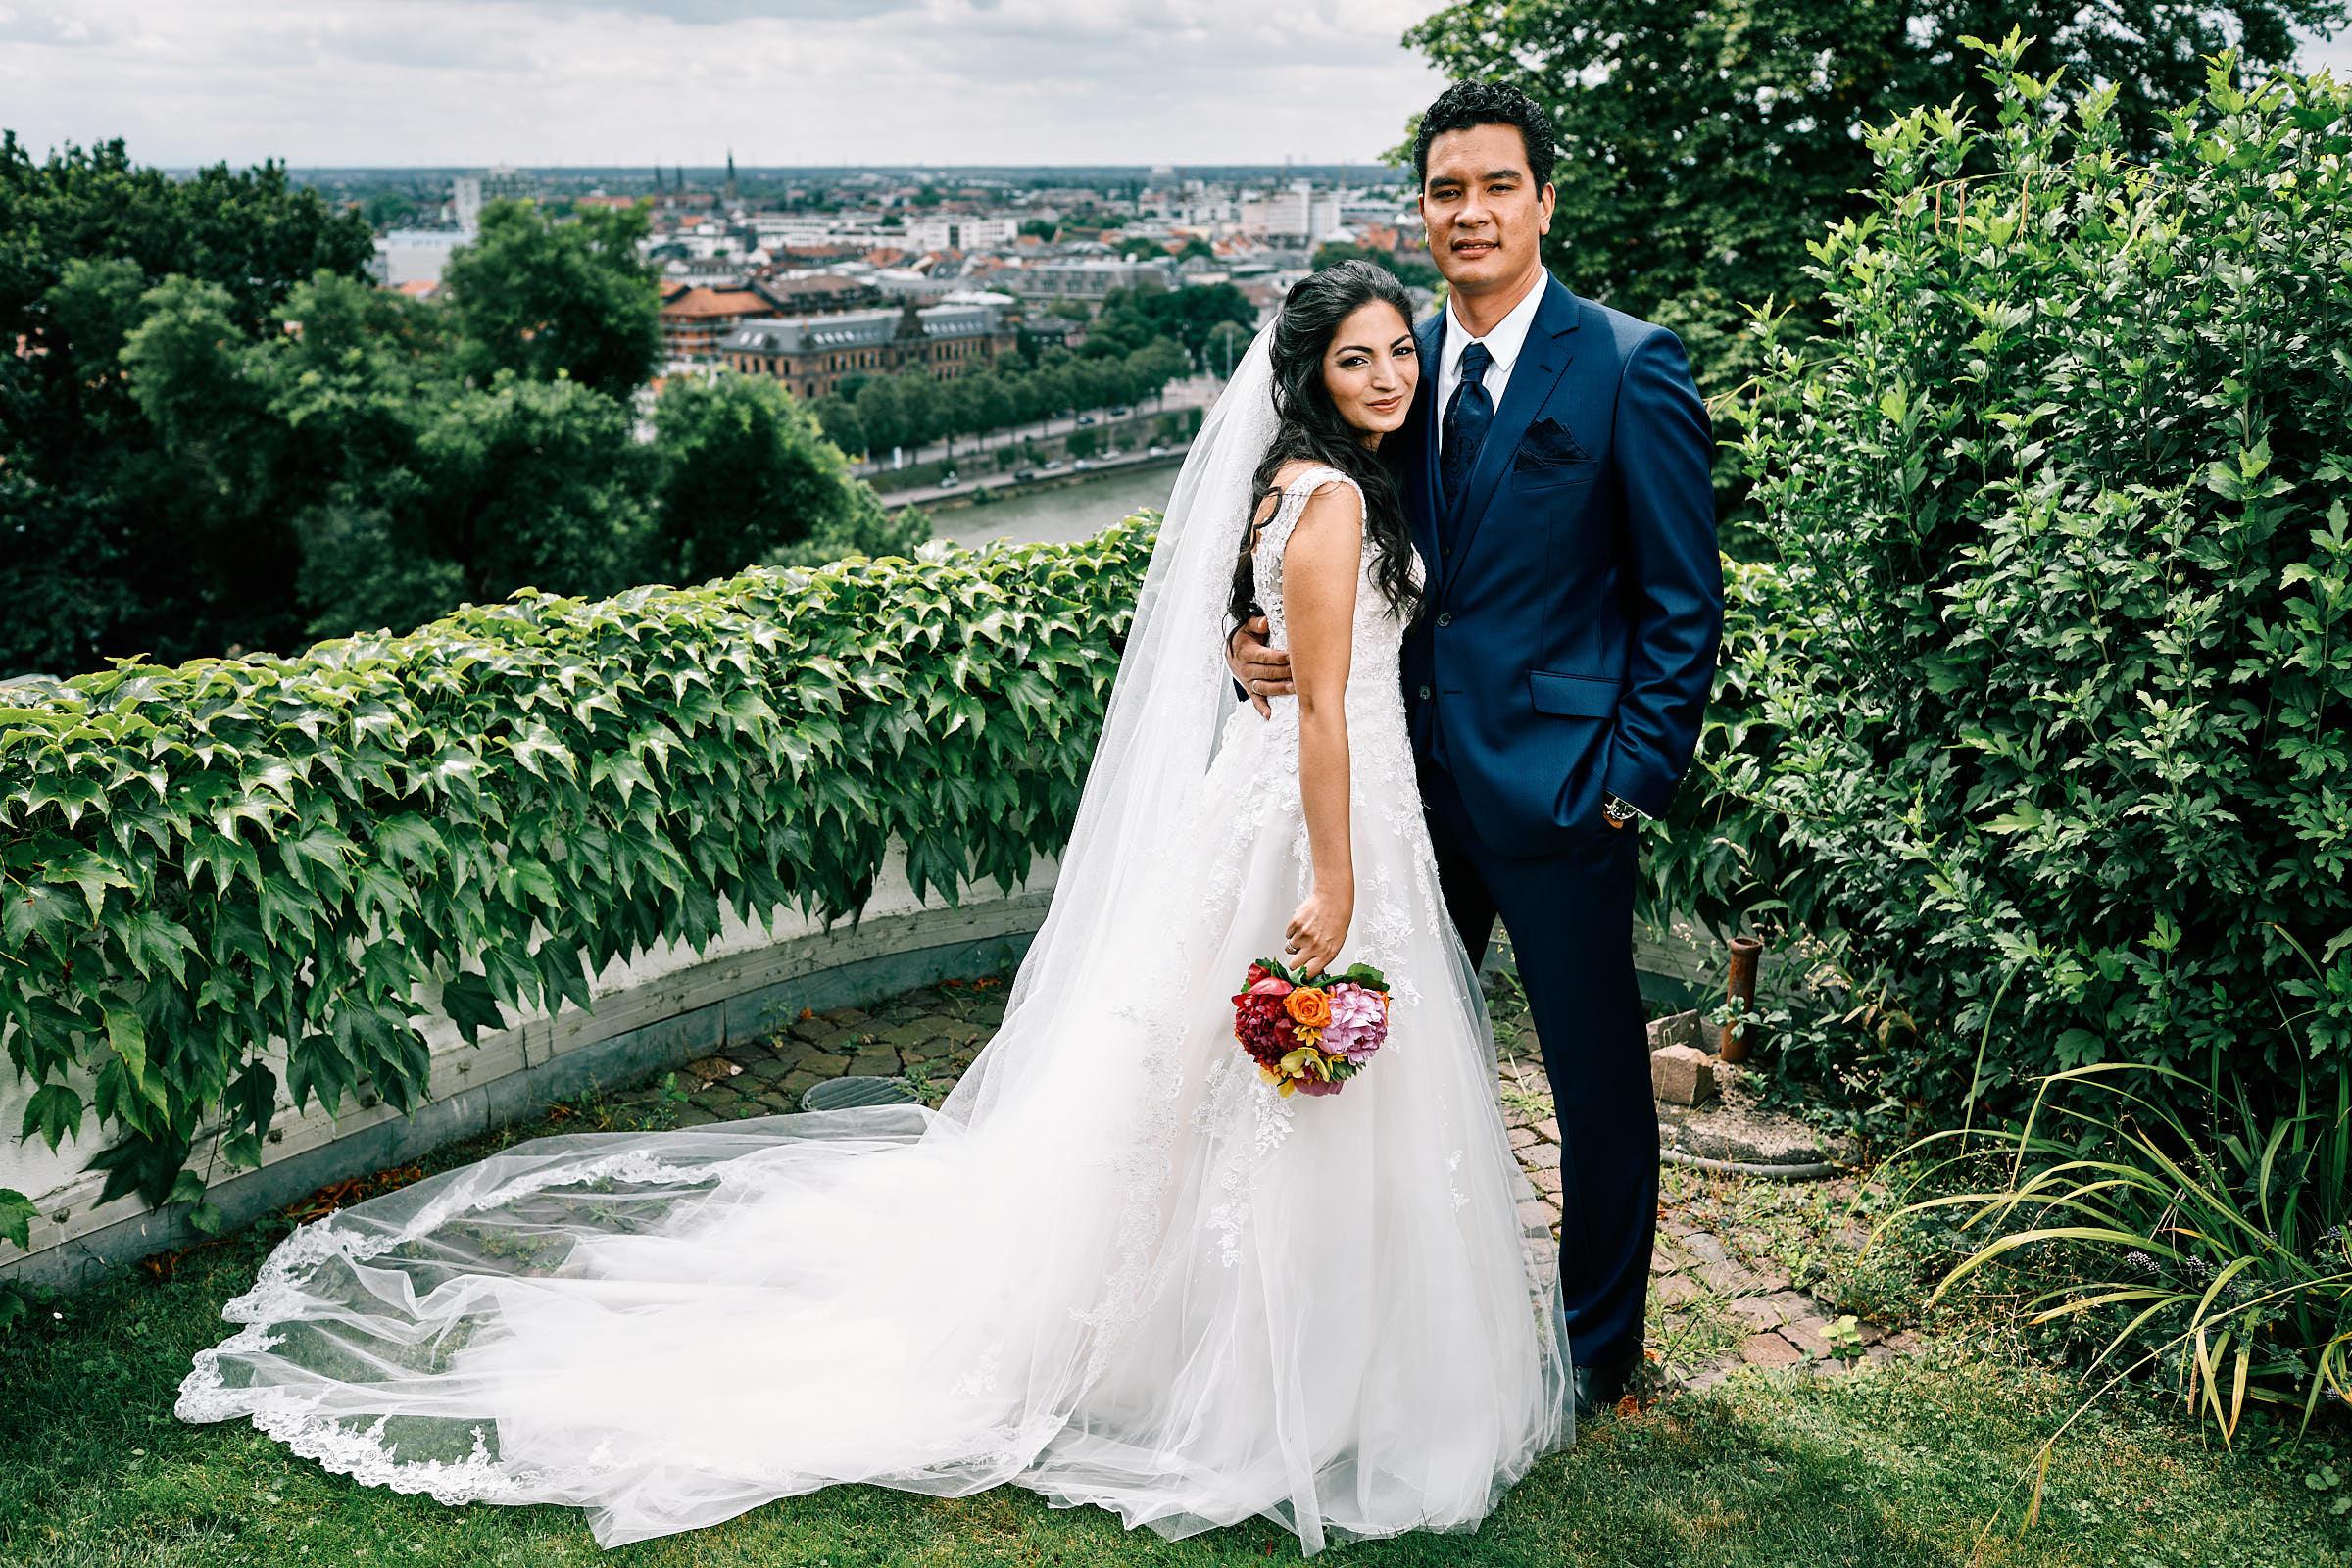 Als Hochzeitsfotograf in Heidelberg - Ein Hochzeitspaar shootet in ihrem Garten mit dem Hochzeitsfotograf Onelovephoto.